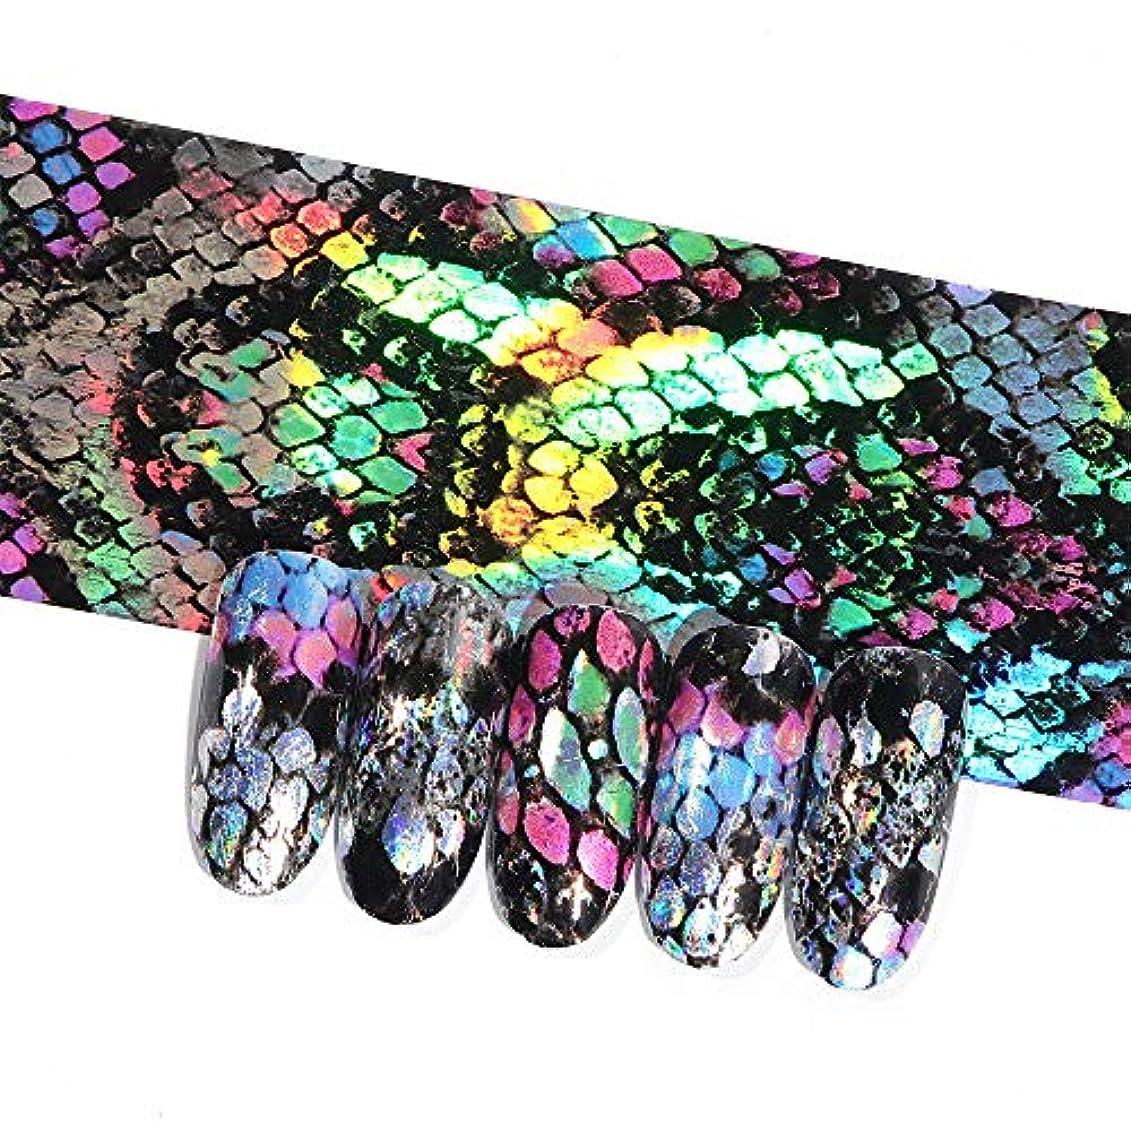 16ピースホログラフィック蛇行ネイル転写箔ステッカーヘビレーザーミックス色粘着ネイルアートフルラップ装飾